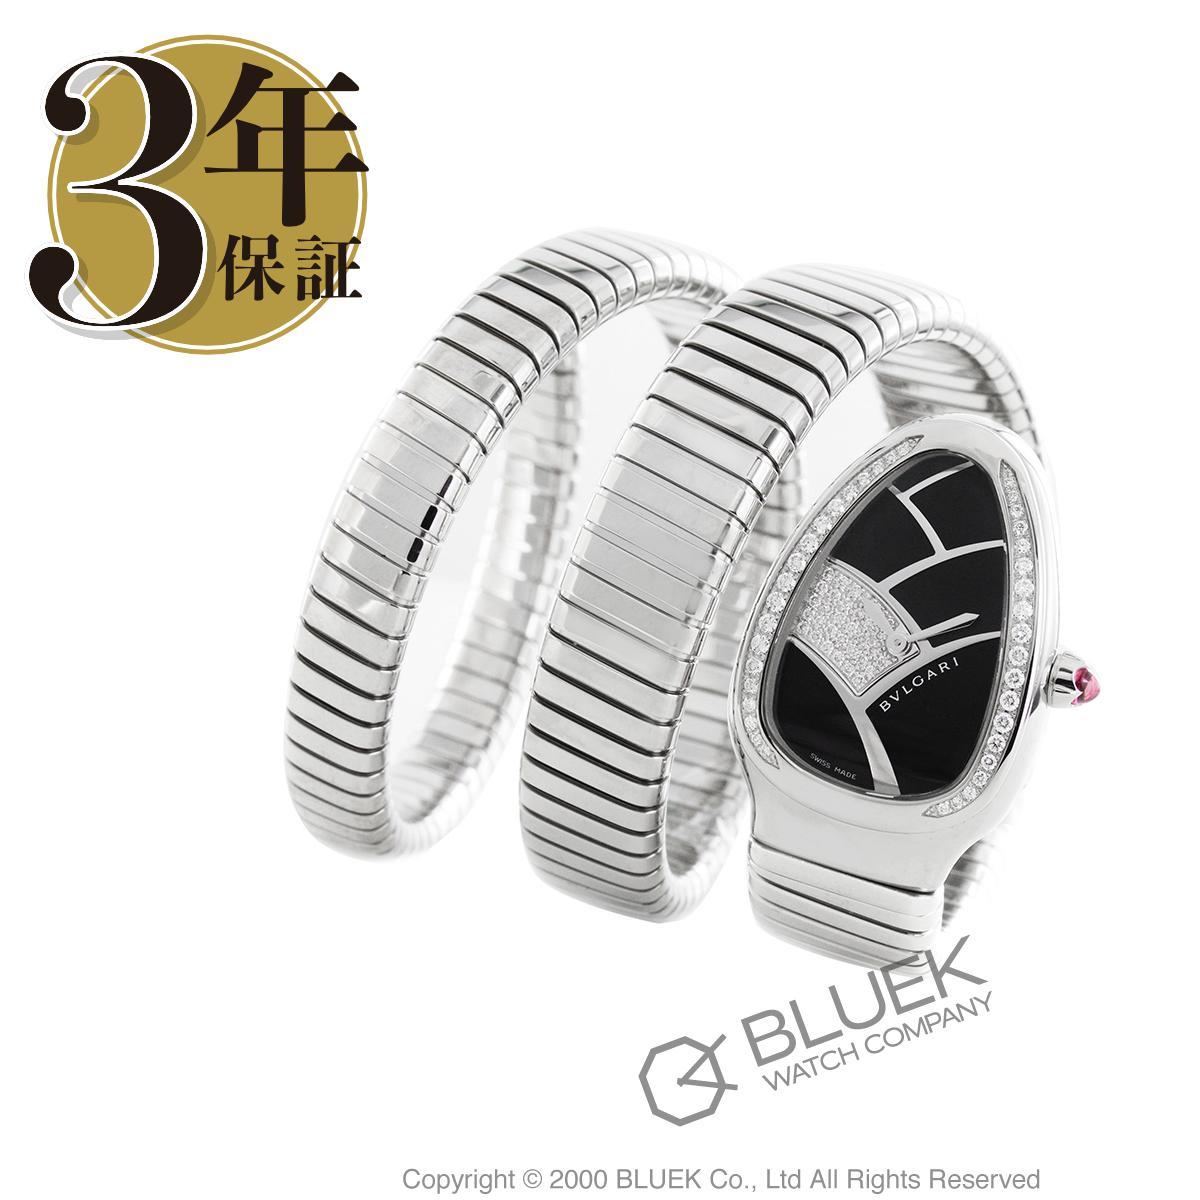 ブルガリ セルペンティ ダイヤ 腕時計 レディース BVLGARI SP35BD1SDS.2T_3